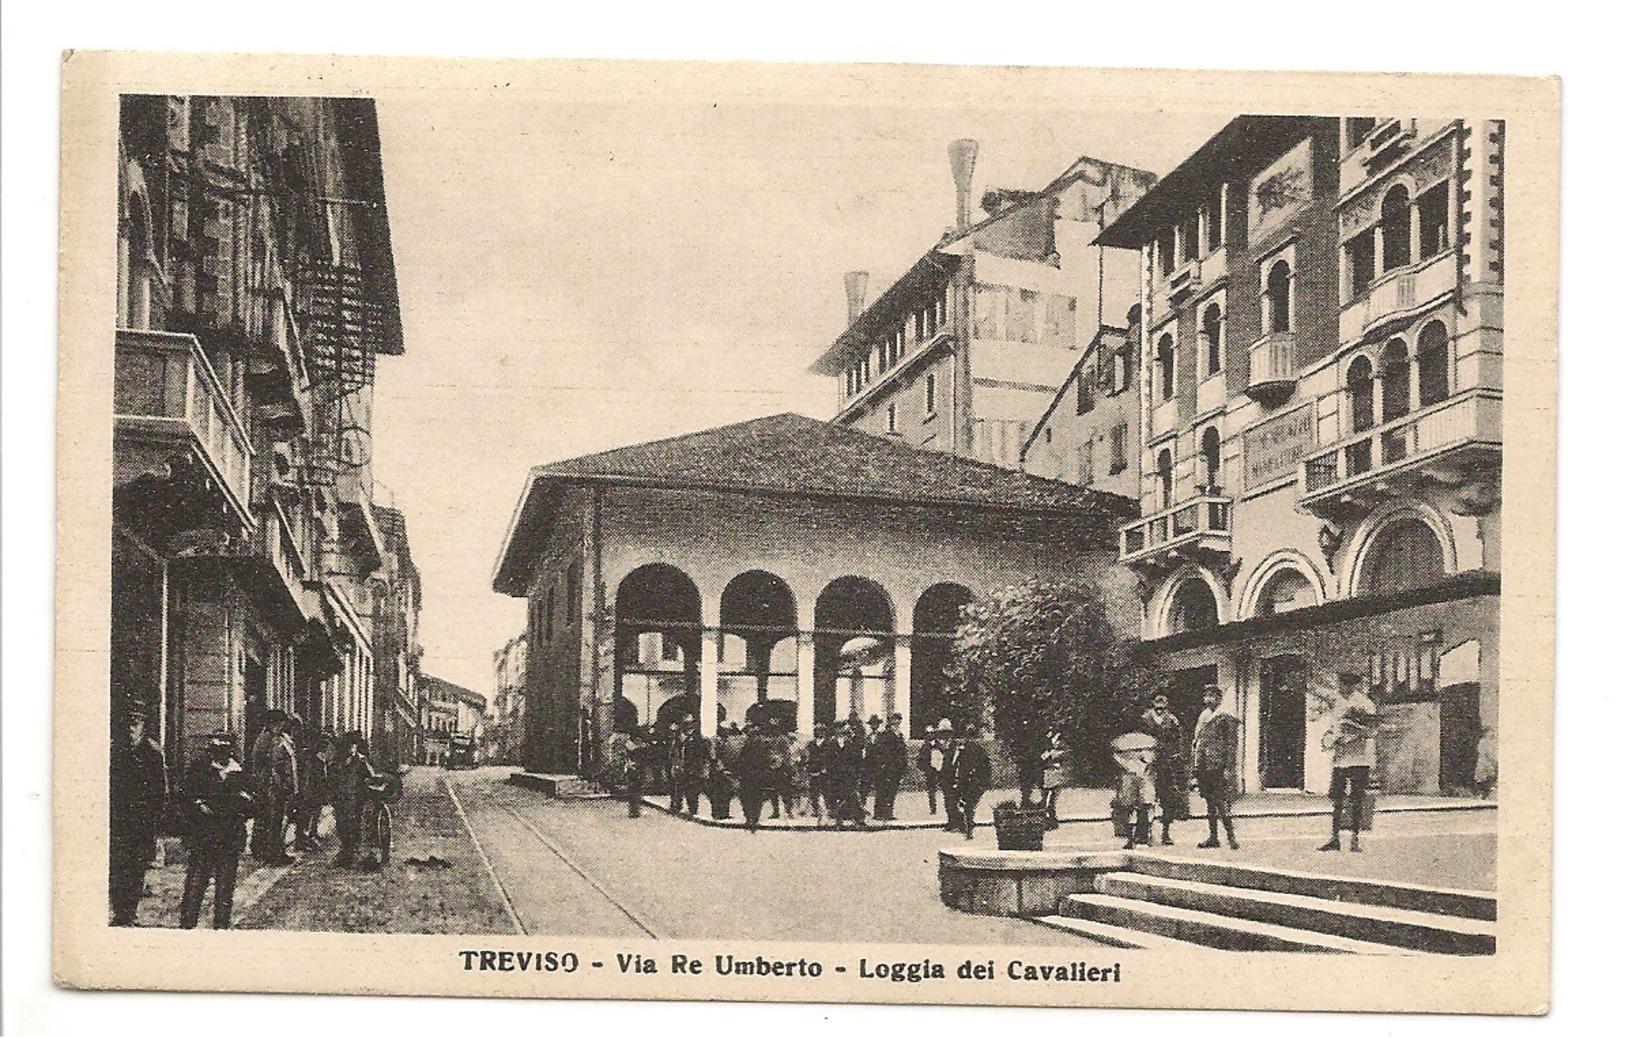 TREVISO - VIA RE UMBERTO - LOGGIA DEI CAVALIERI - Treviso